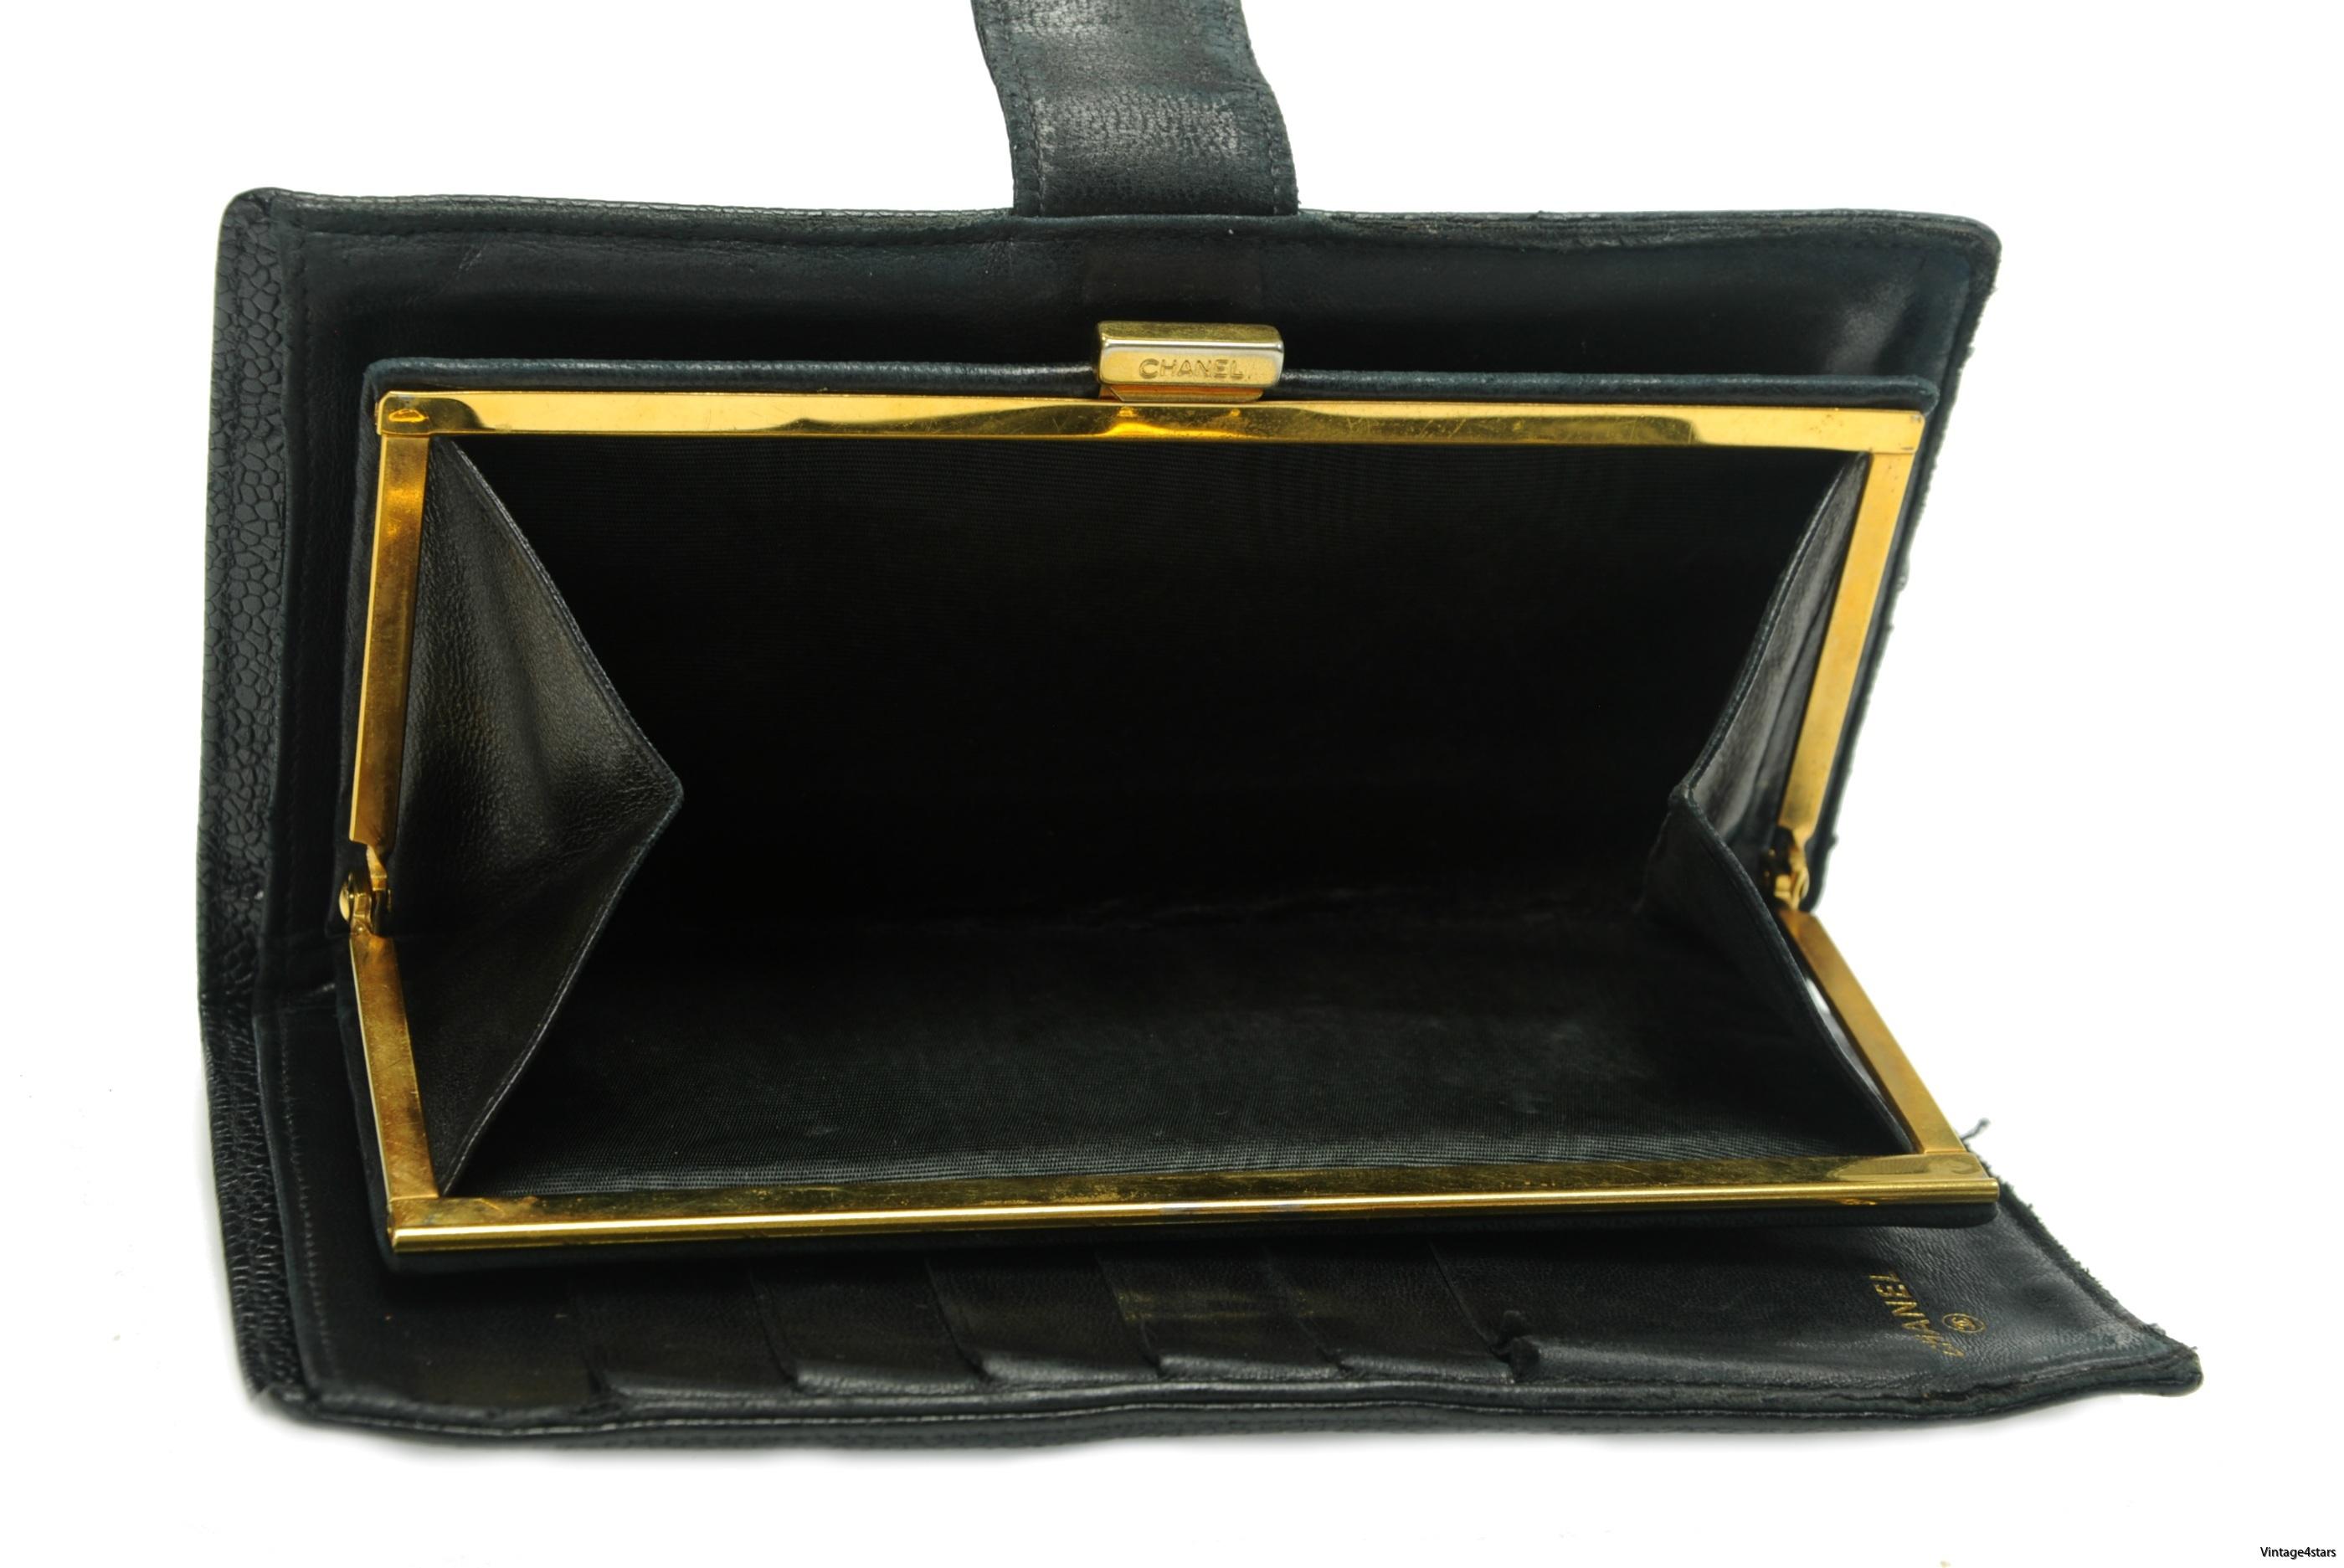 CHANEL Wallet Caviar 5